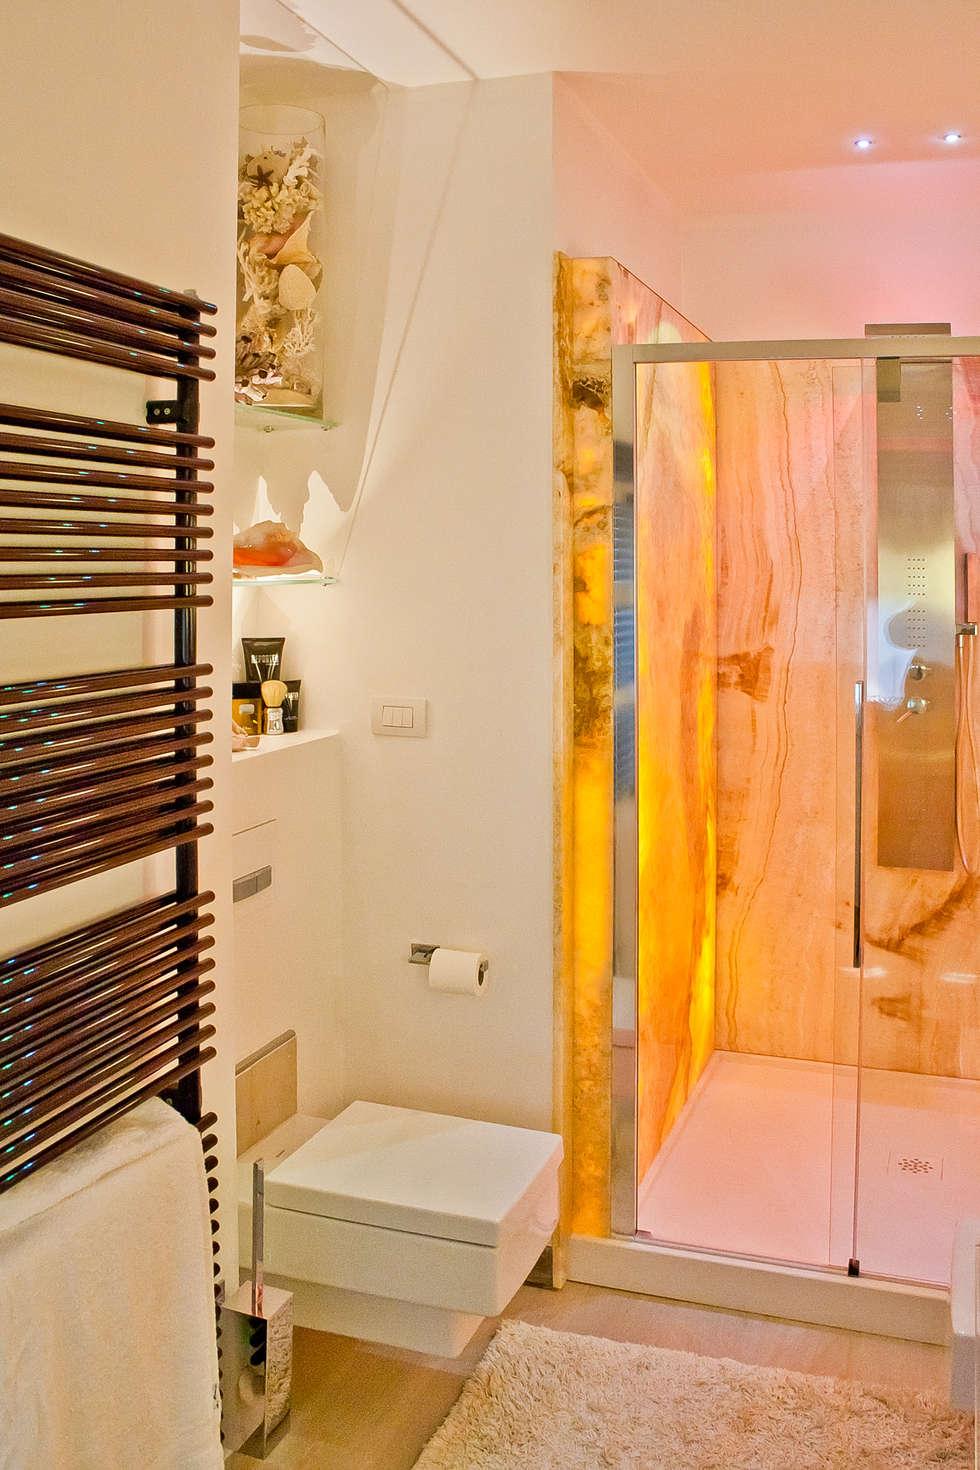 Doccia in onice retroilluminato: Bagno in stile in stile Eclettico di GHINELLI ARCHITETTURA